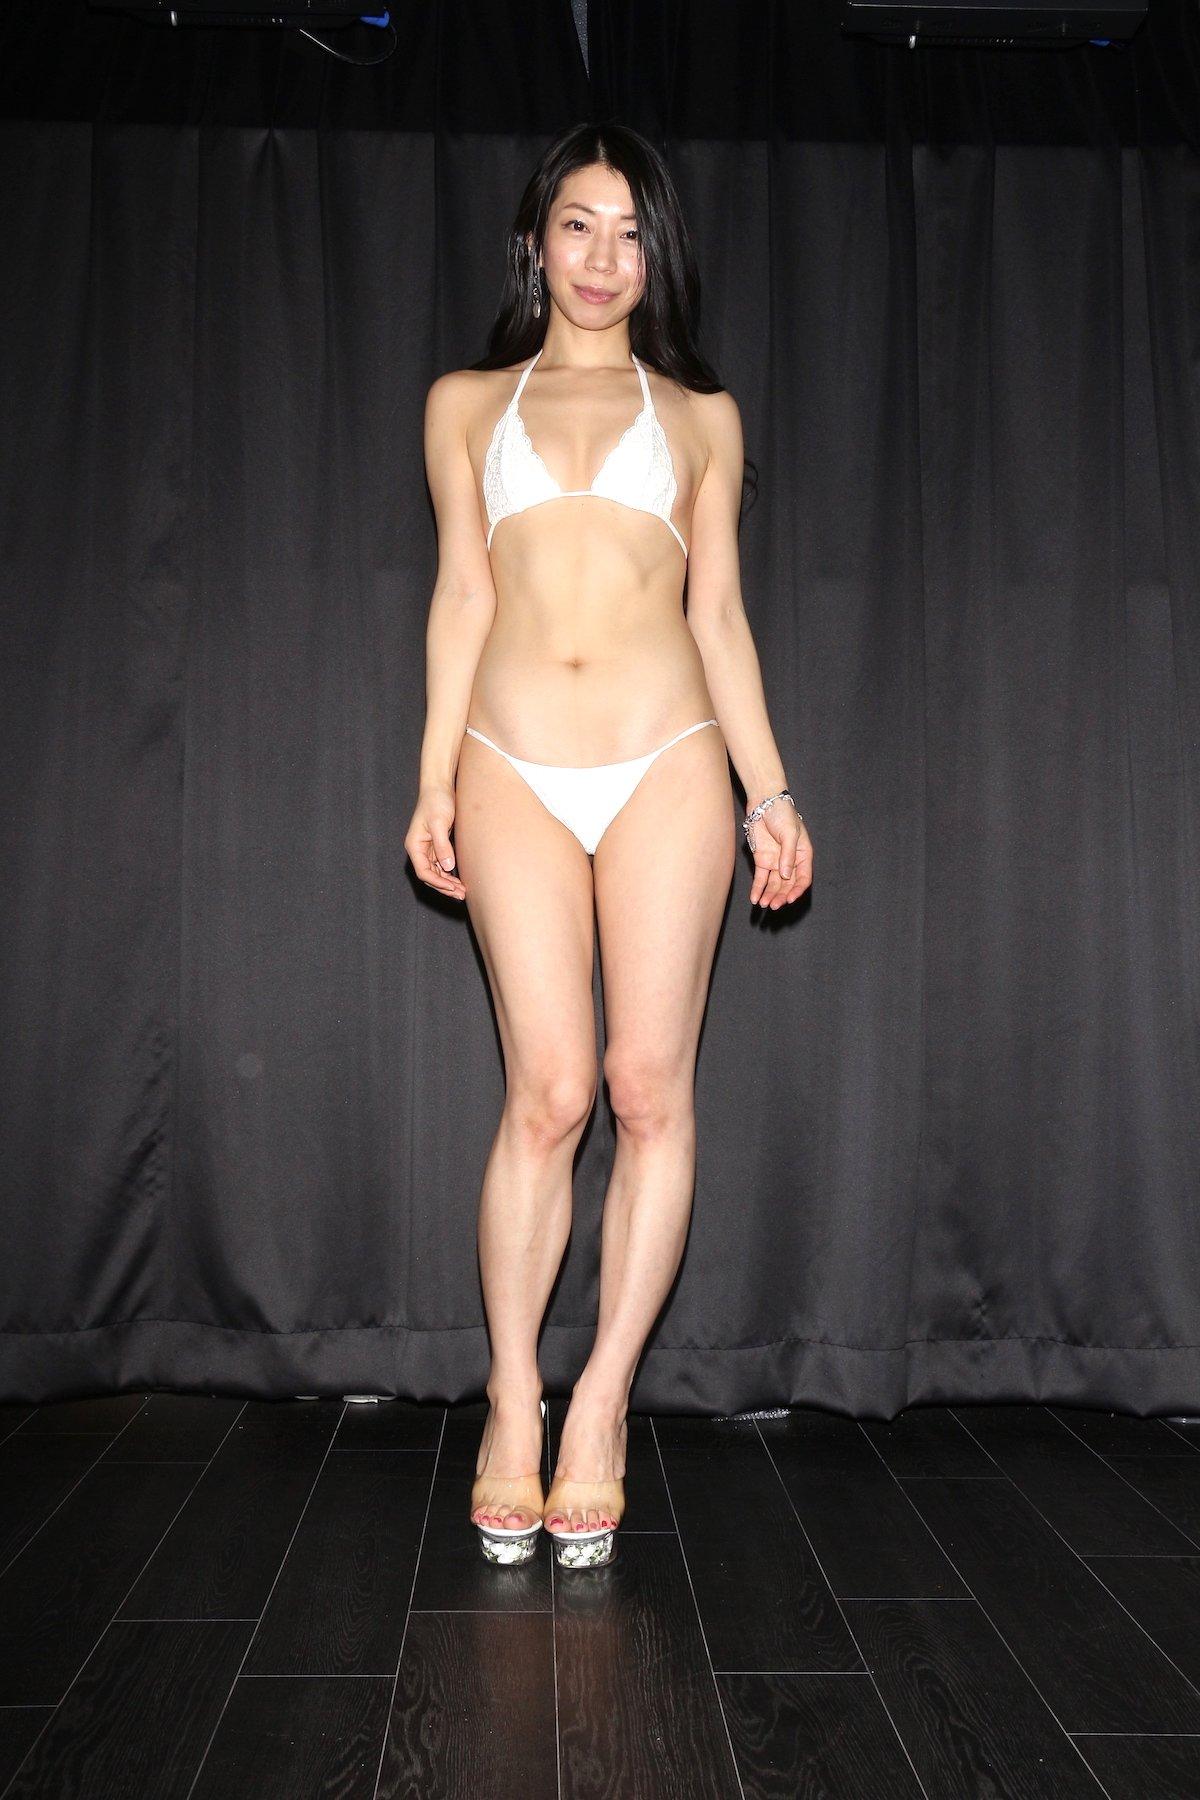 岩崎真奈「ベンチの縁にこすったり」私史上最高にセクシー【画像50枚】の画像003